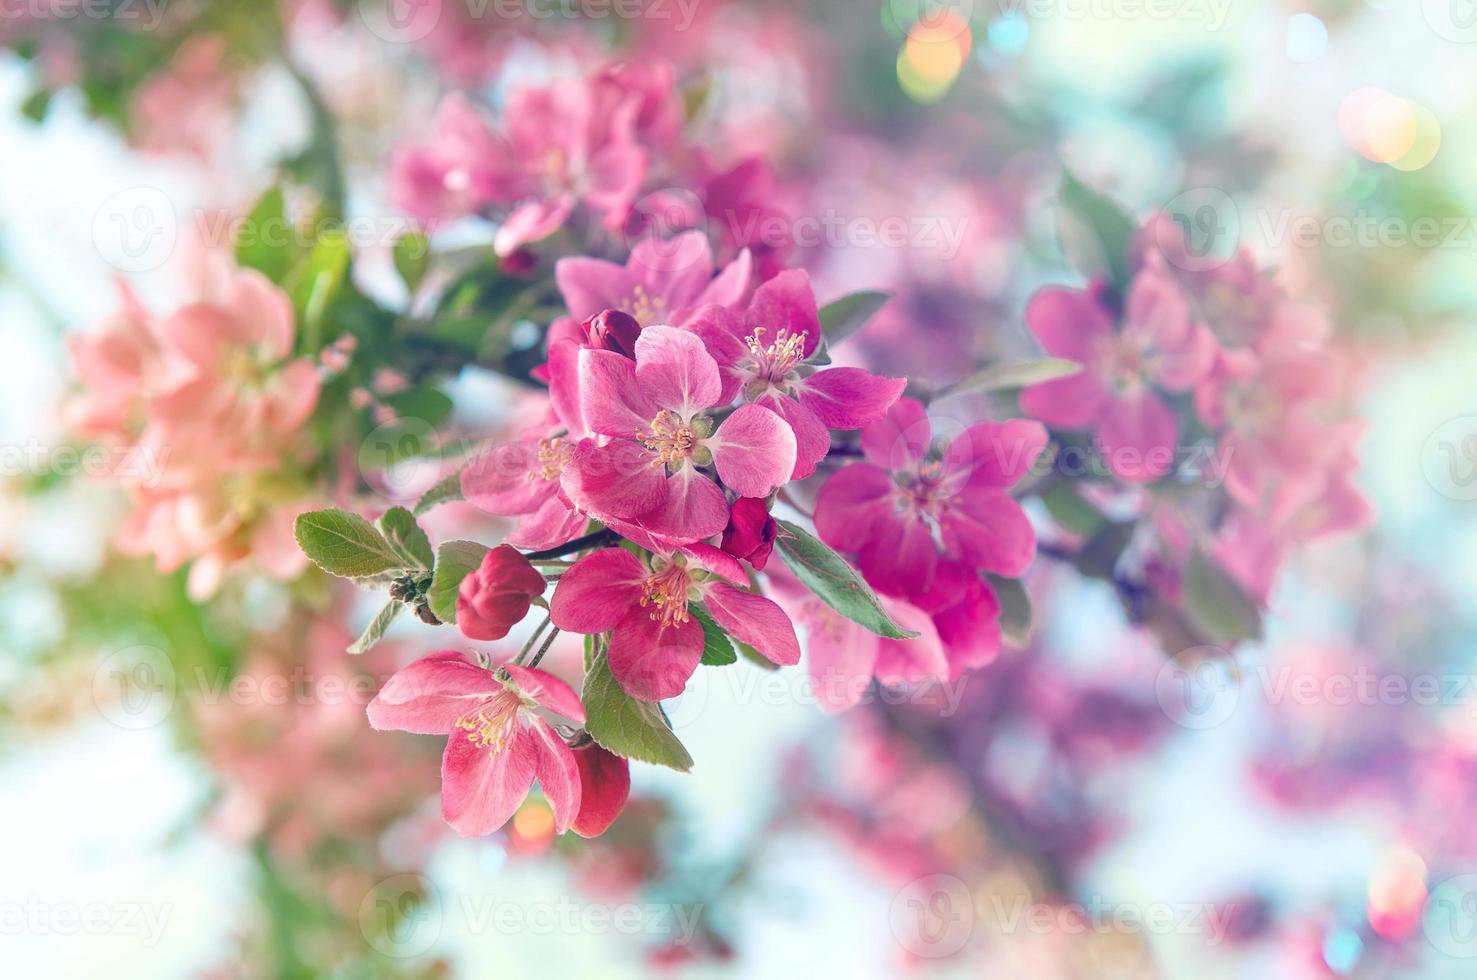 cerisier en fleurs. belles fleurs roses. style rétro tonique photo